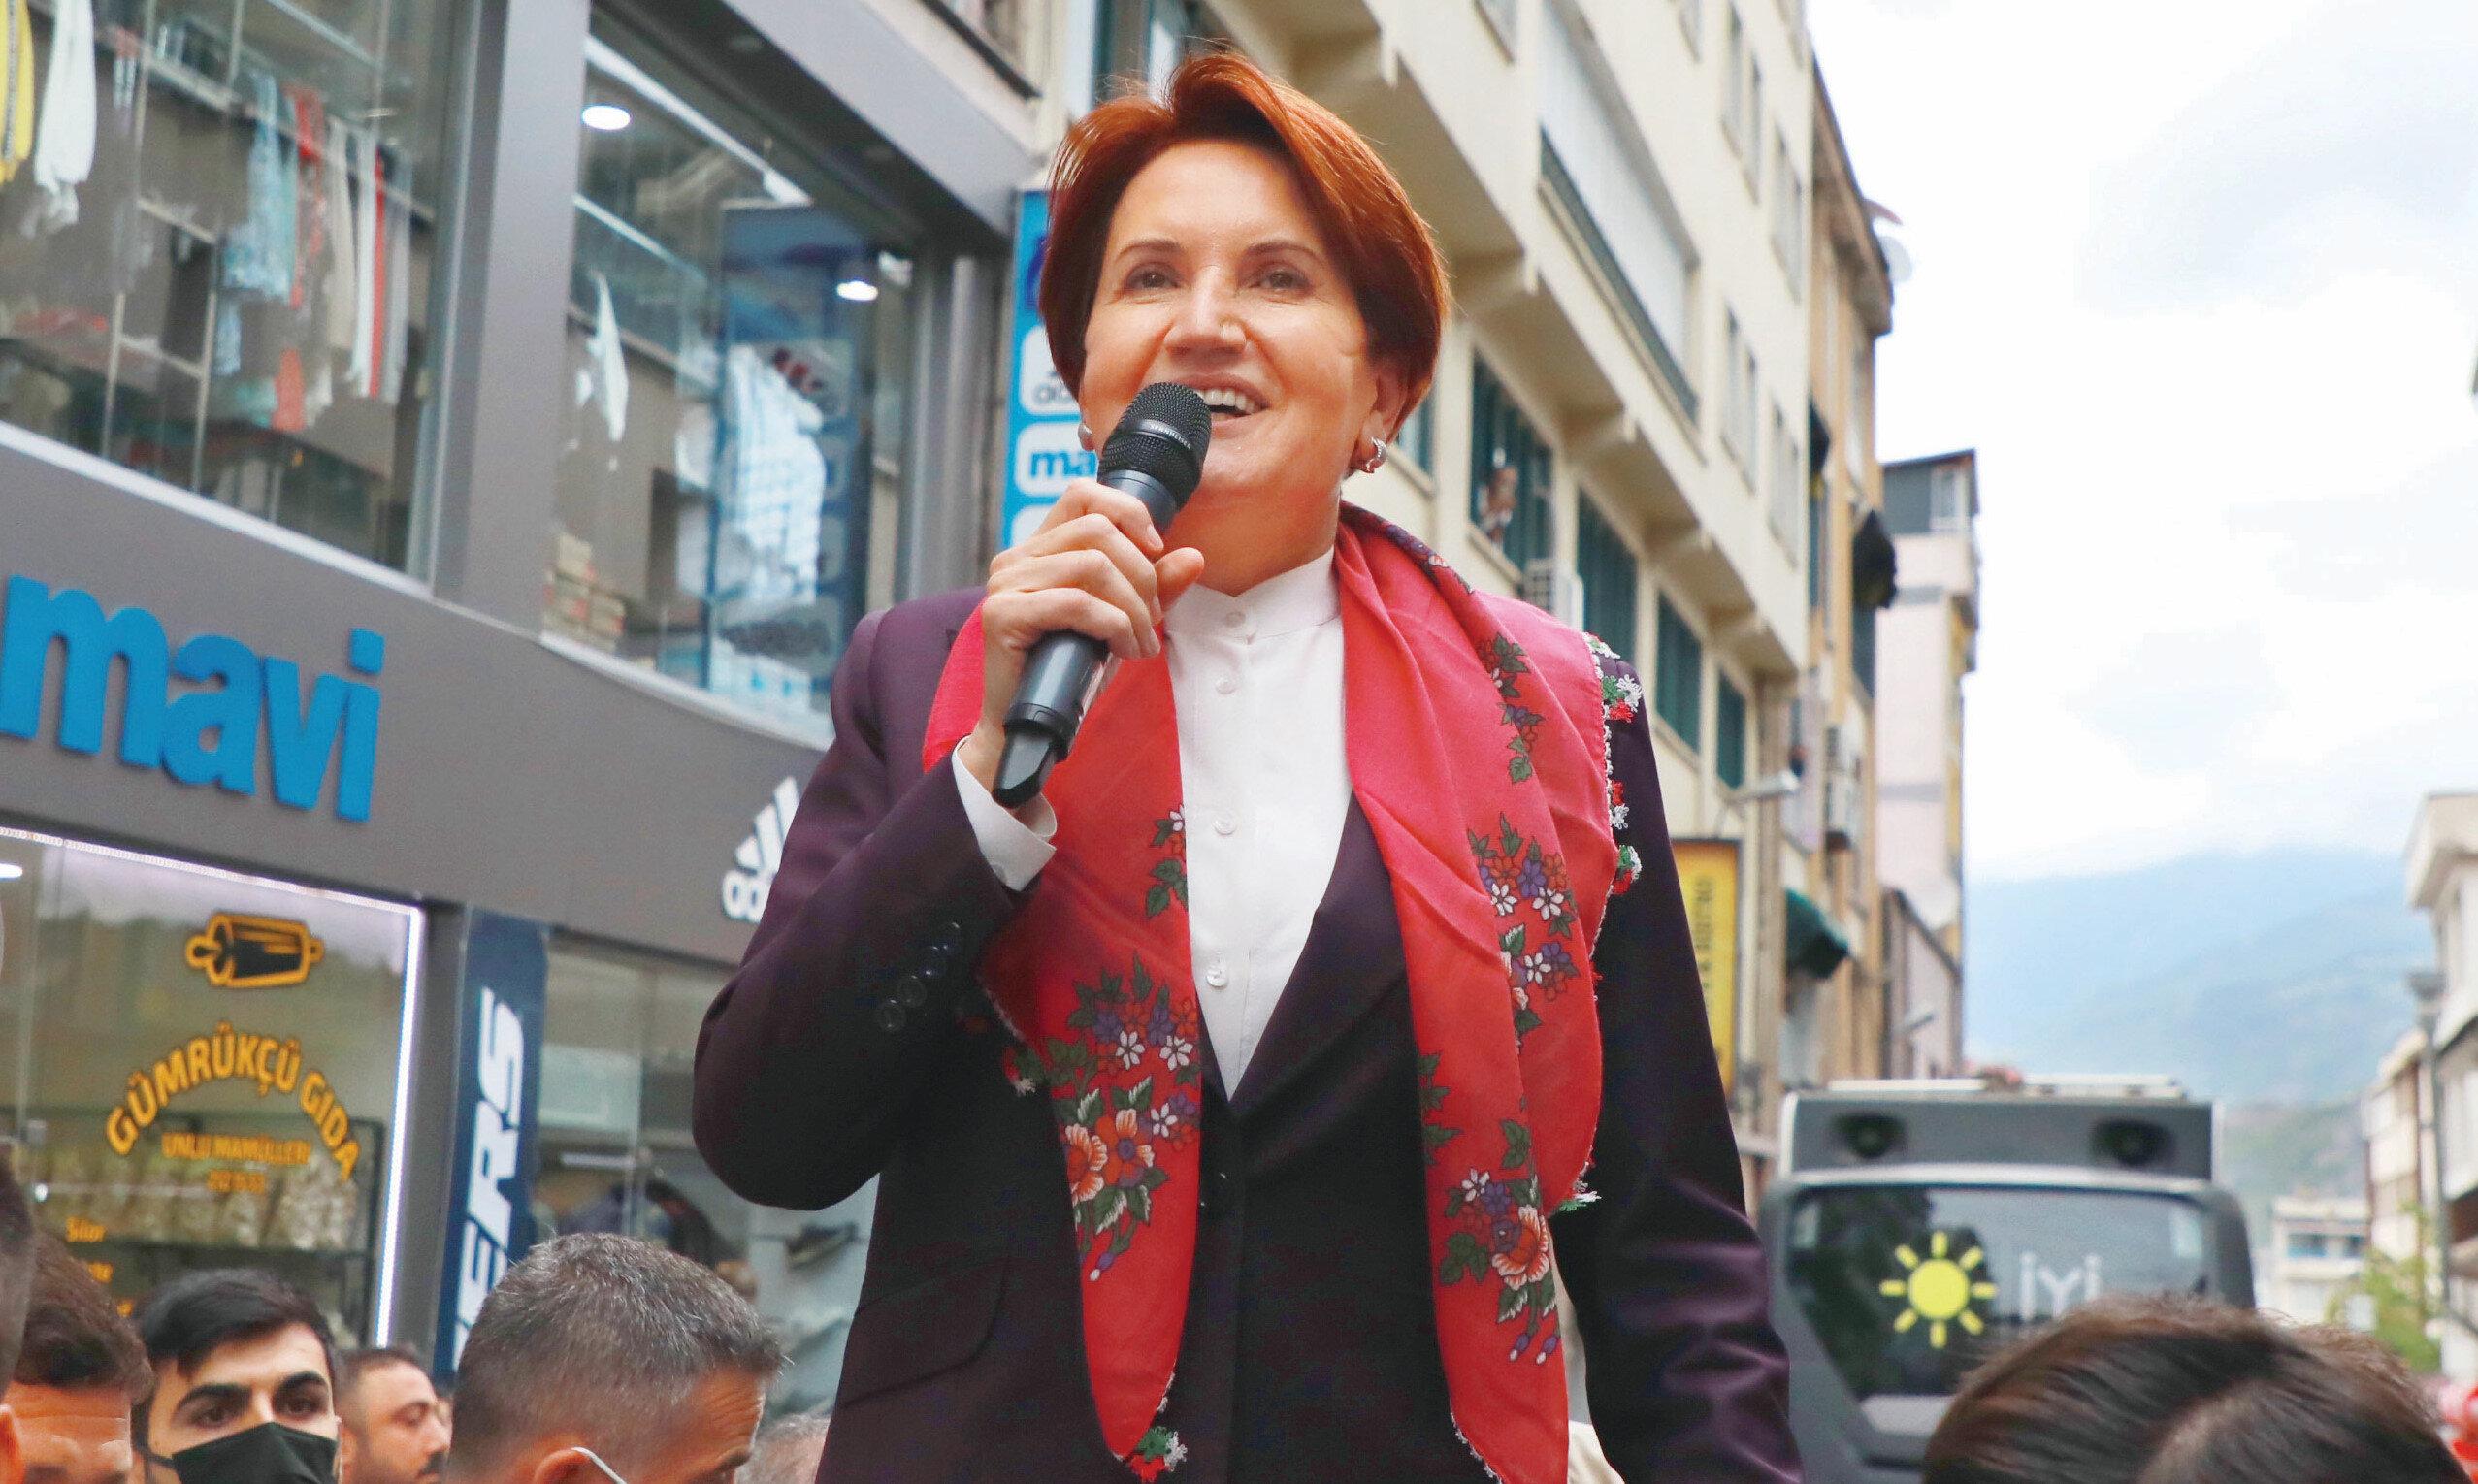 """15 Temmuz darbesi öncesi, """"Ben Başbakan olacağım"""" diye ortaya atılan İYİ Parti genel başkanı Meral Akşener, yine sahnede. Akşener, bu kez """"Ben Başbakan adayıyım"""" dedi."""